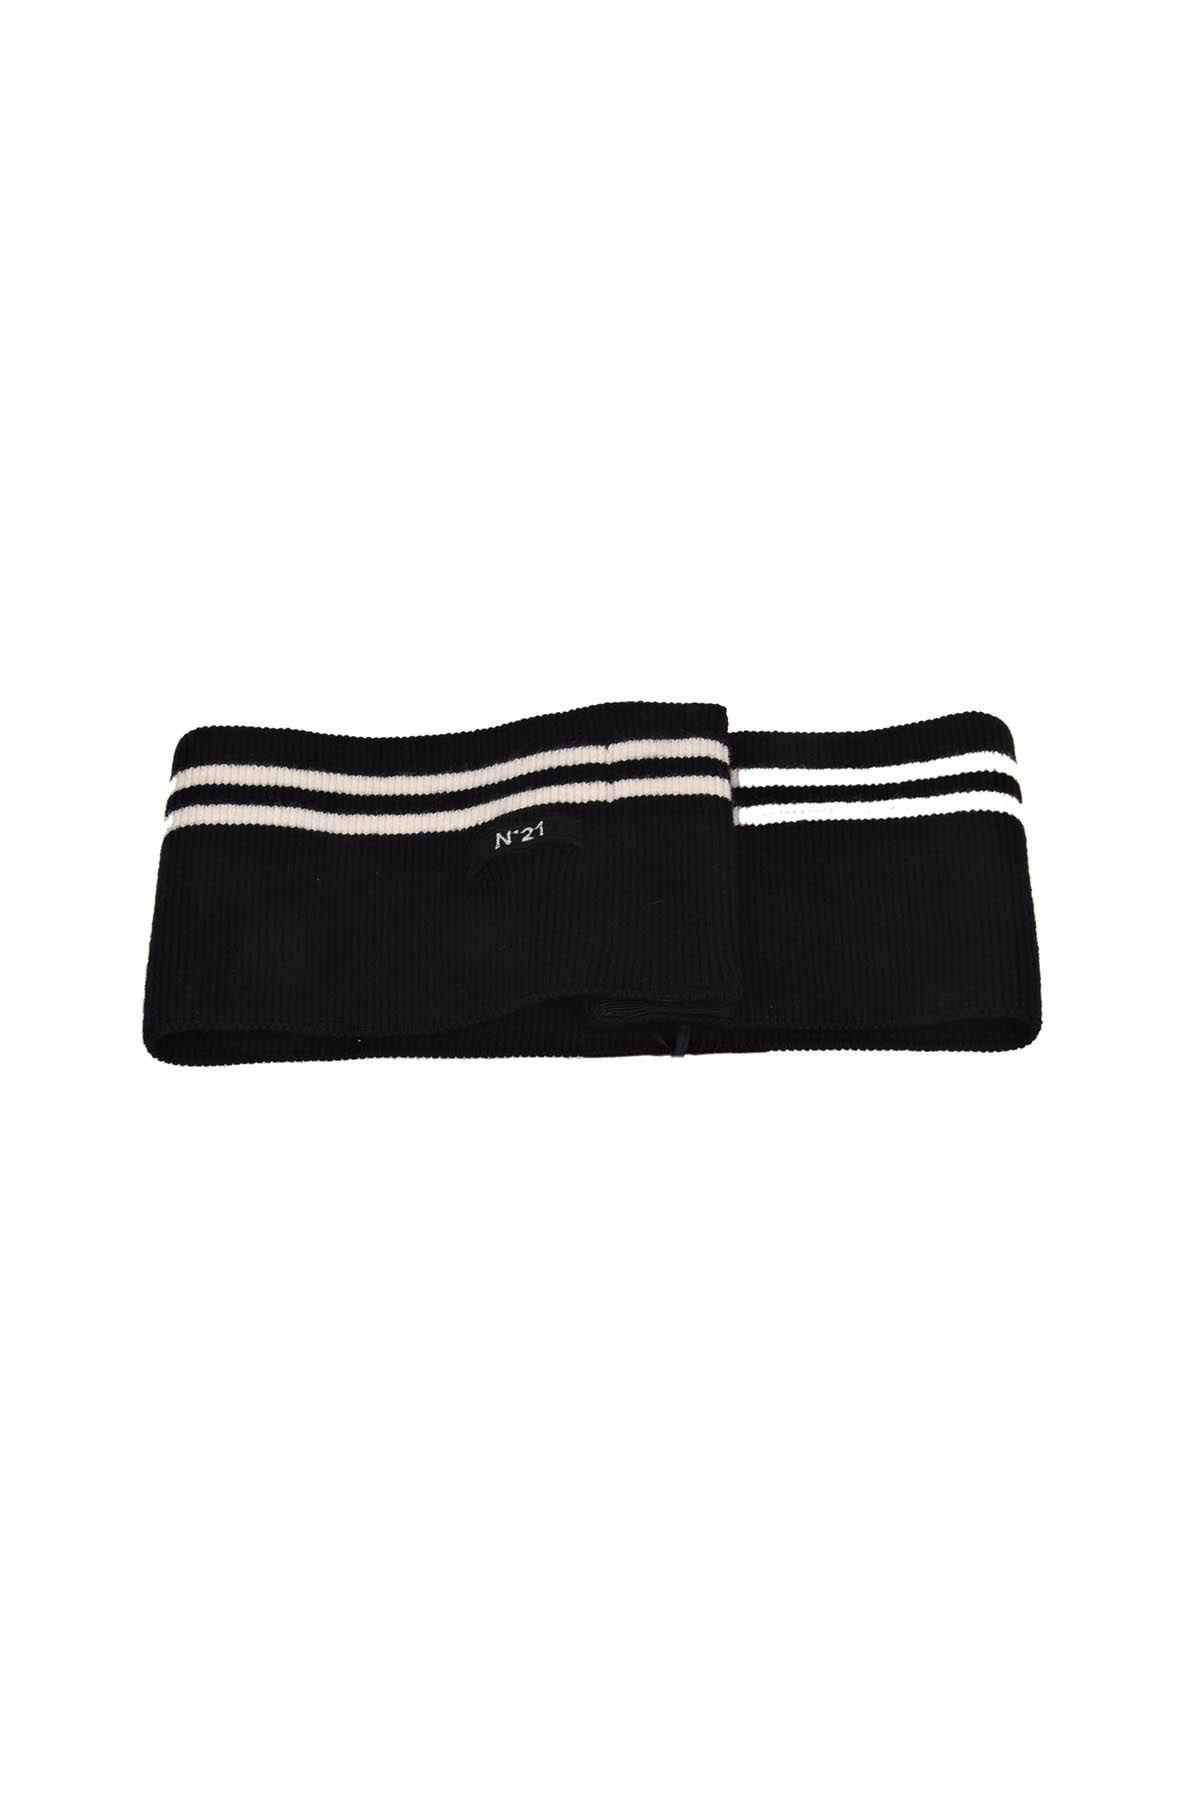 N.21 Knitted Belt